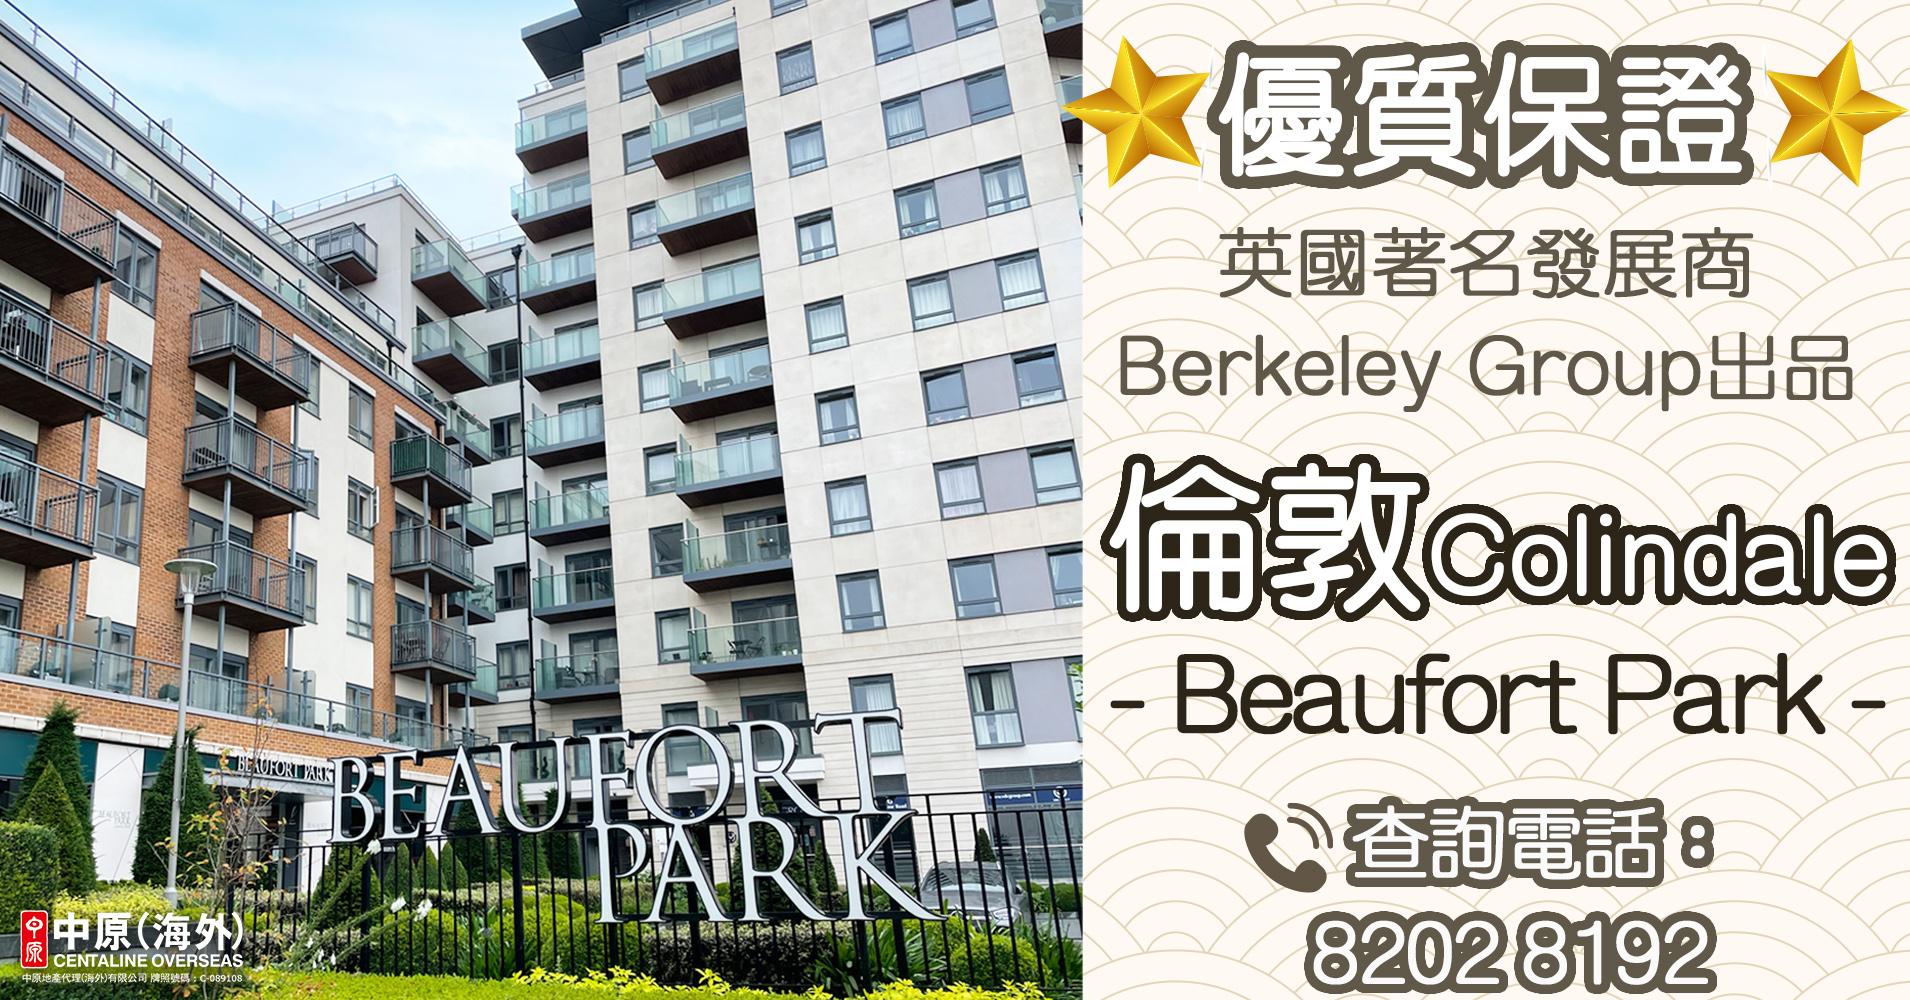 倫敦Colindale Beaufort Park英國著名發展商Berkeley Group出品 優質保證